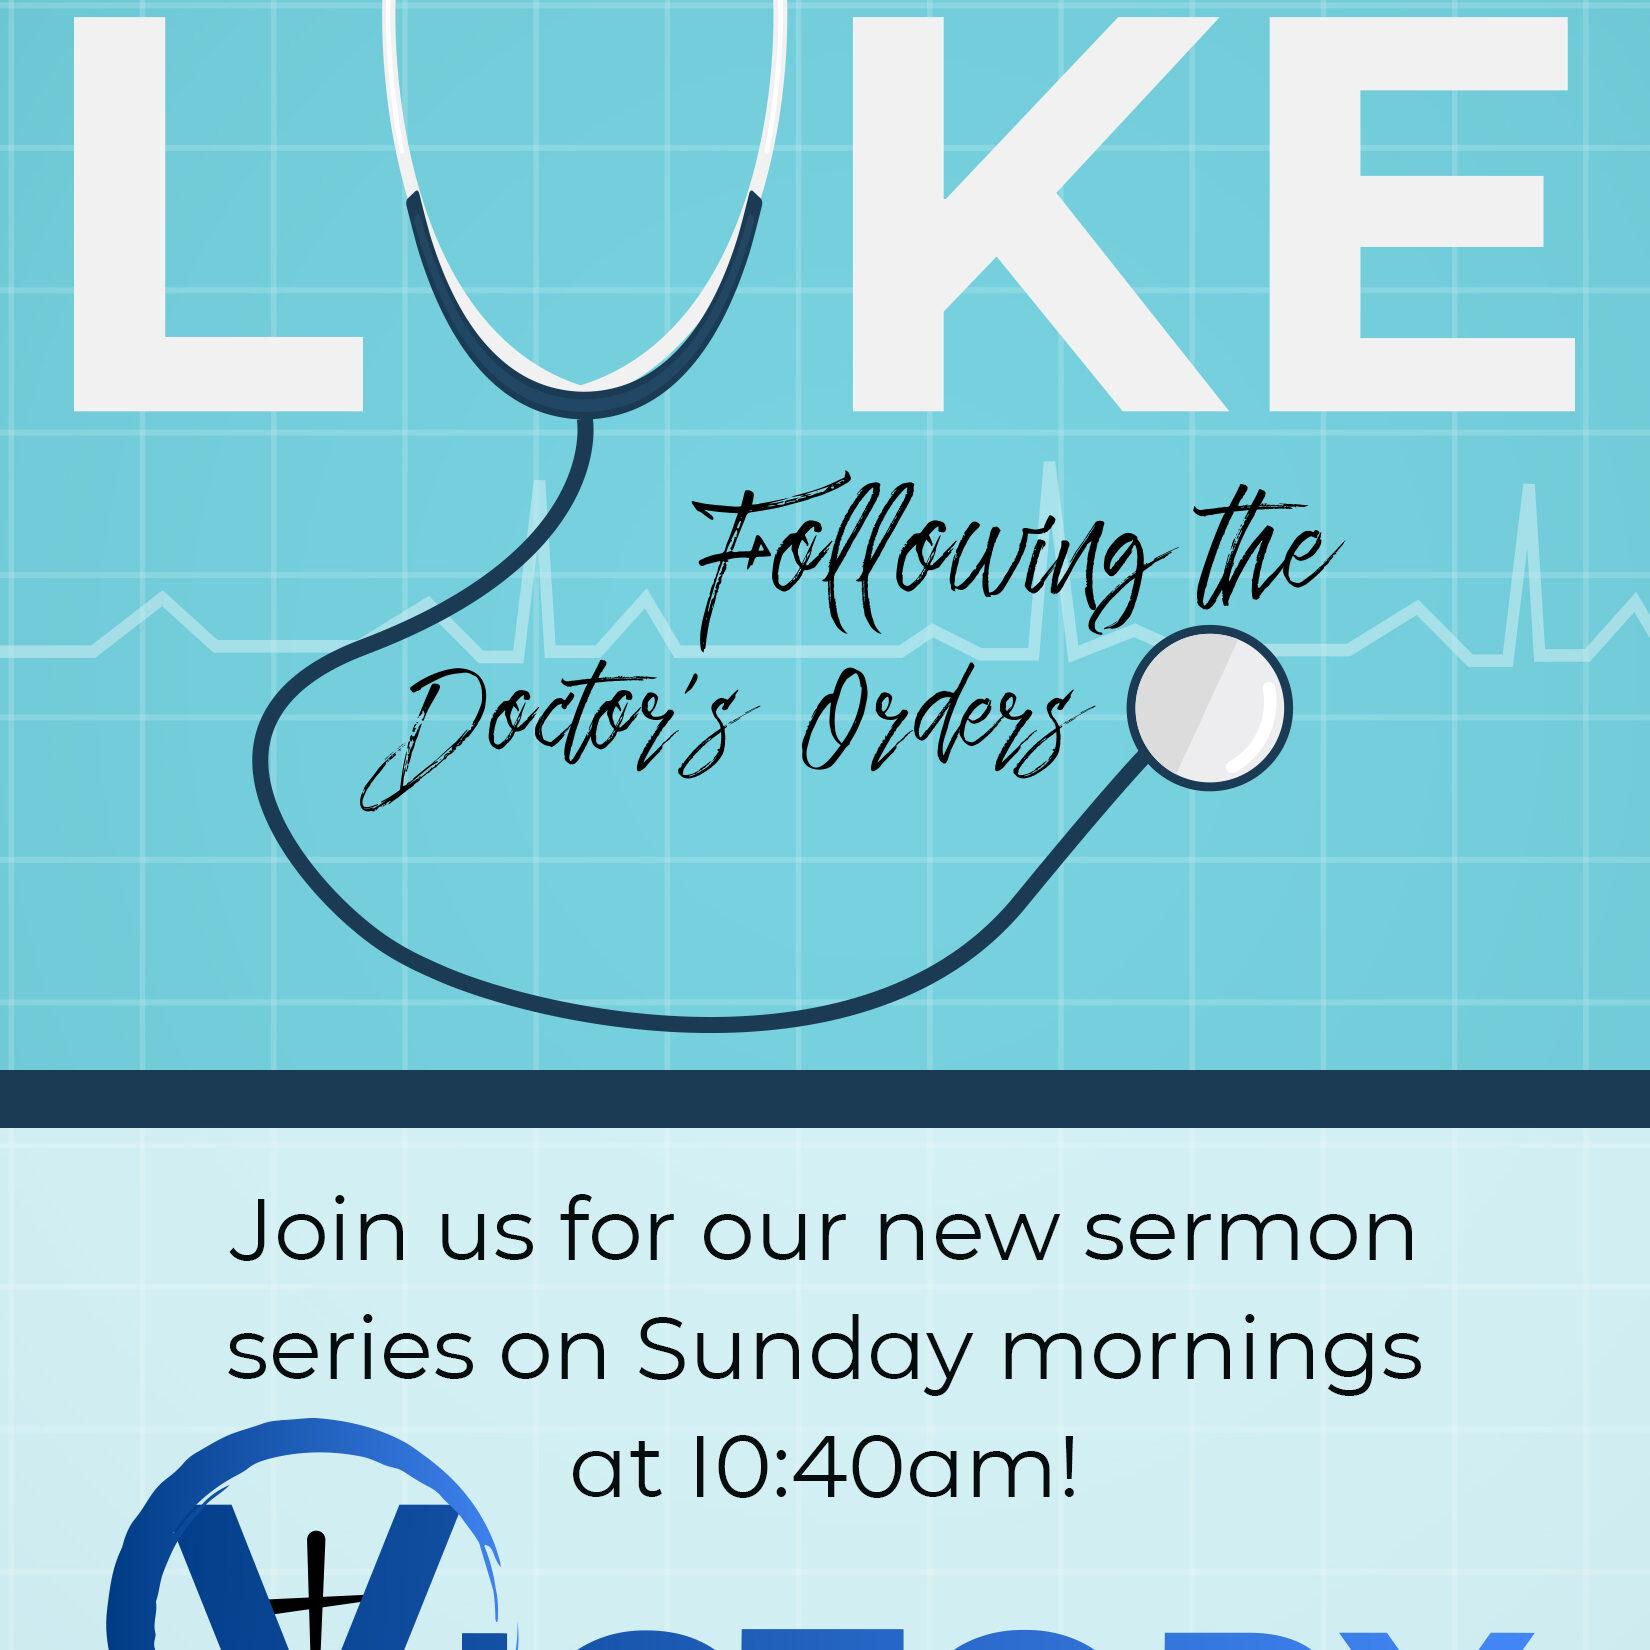 Luke sermon series flier